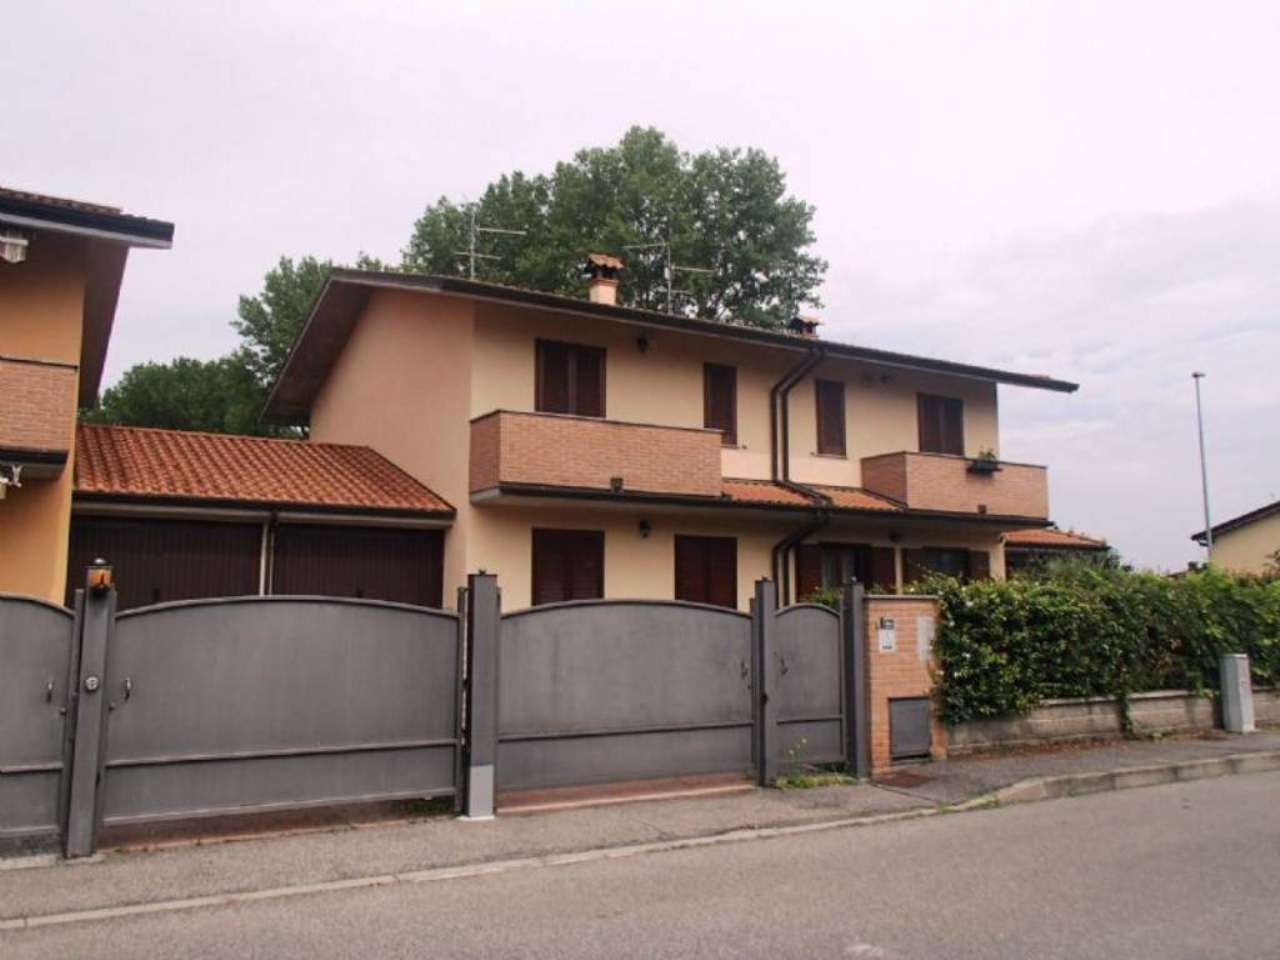 Villa a Schiera in vendita a Landriano, 4 locali, prezzo € 190.000 | Cambio Casa.it